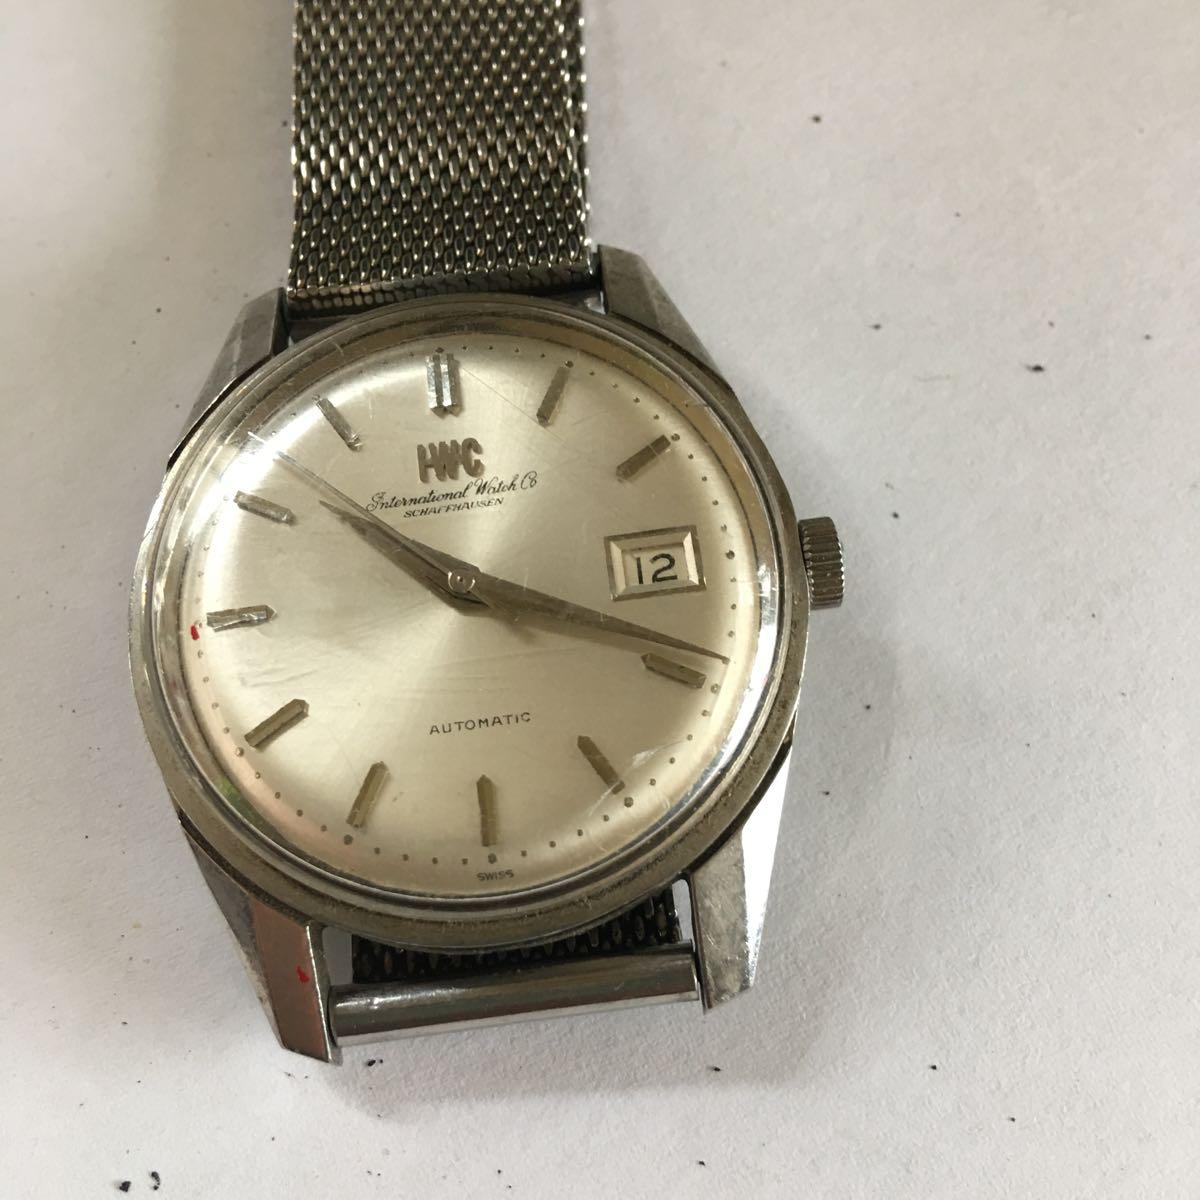 IWC インターナショナル ウォッチカンパニー SS 自動巻き デイト ラウンド アンティーク メンズ 腕時計 管理番号01_画像7